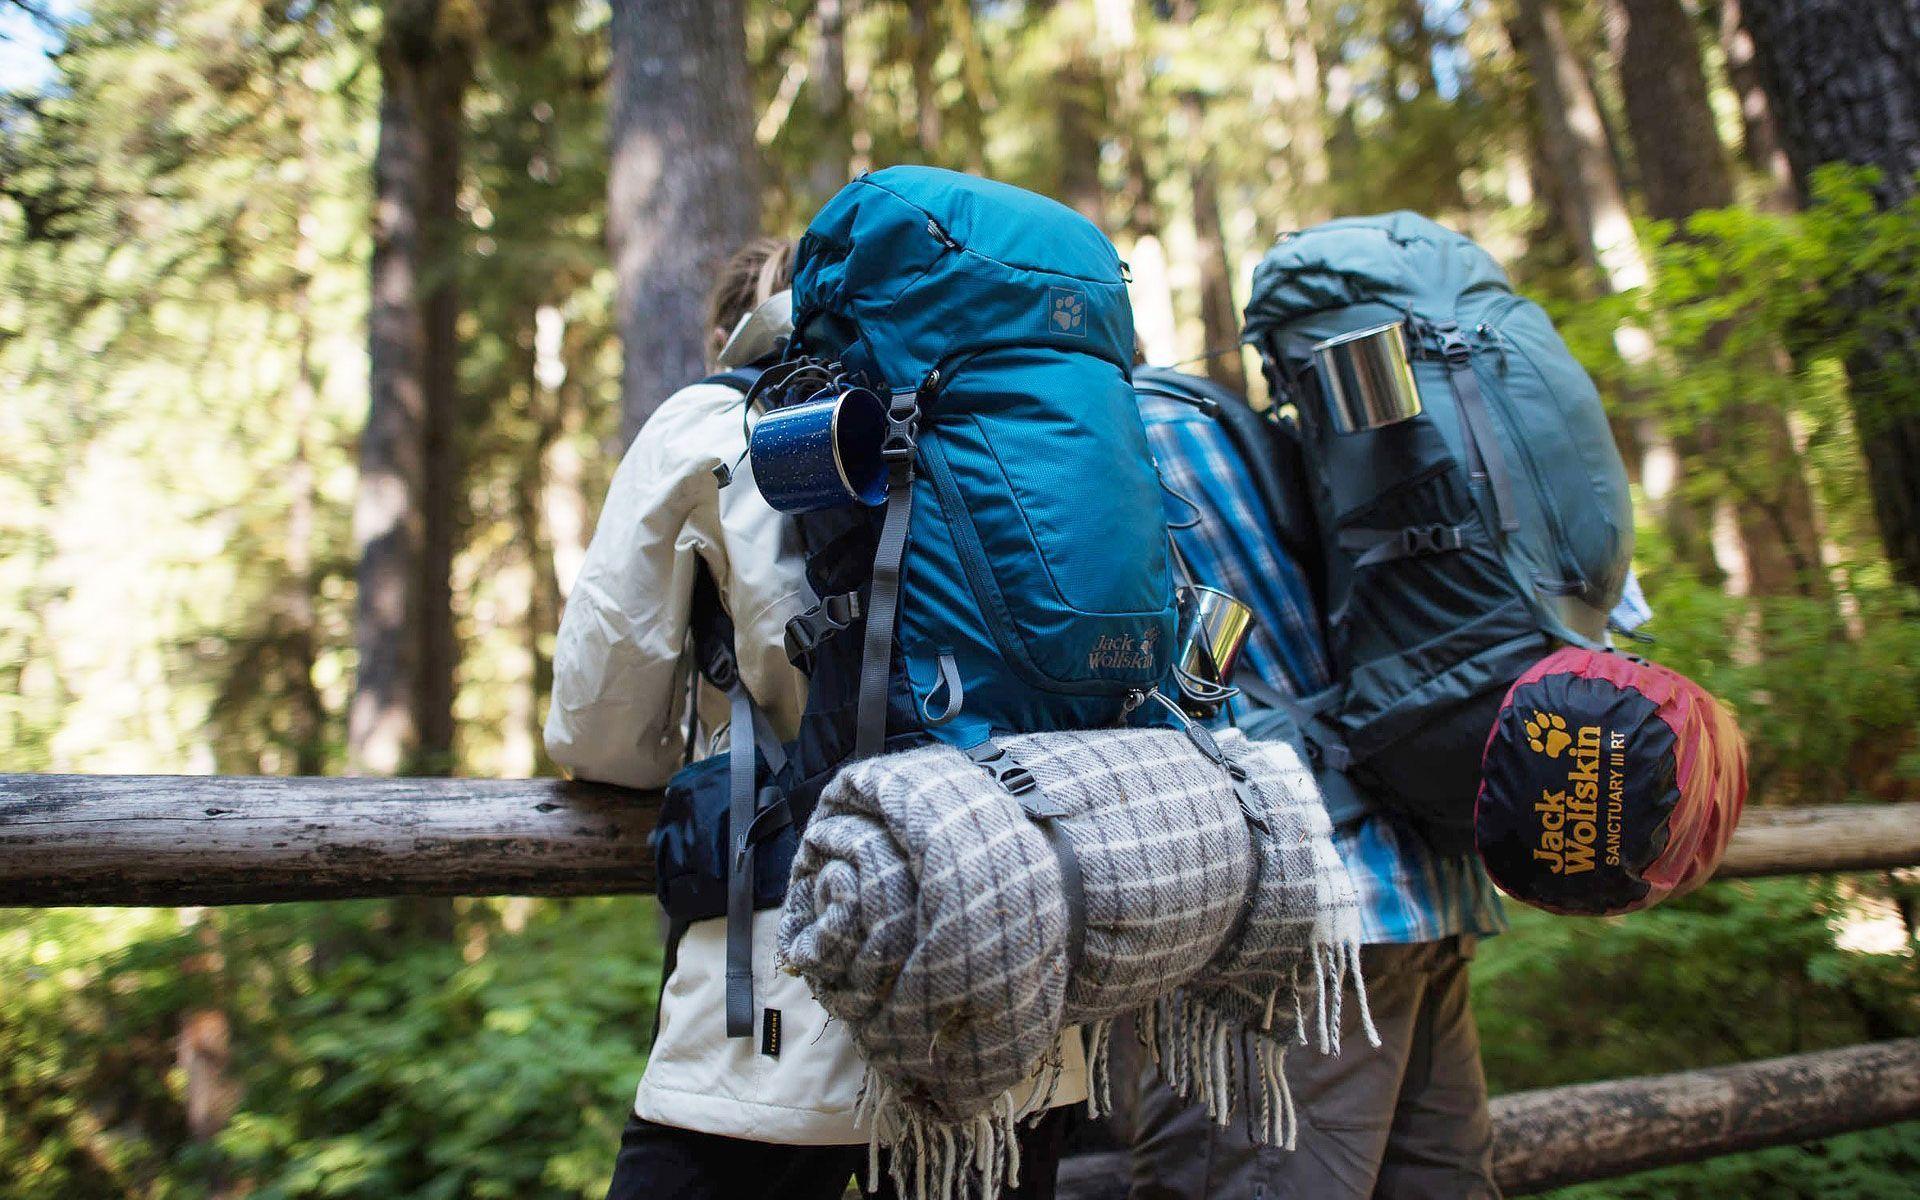 89088bc9b57 Équipement et accessoires de randonnée   Les indispensables - Les ...